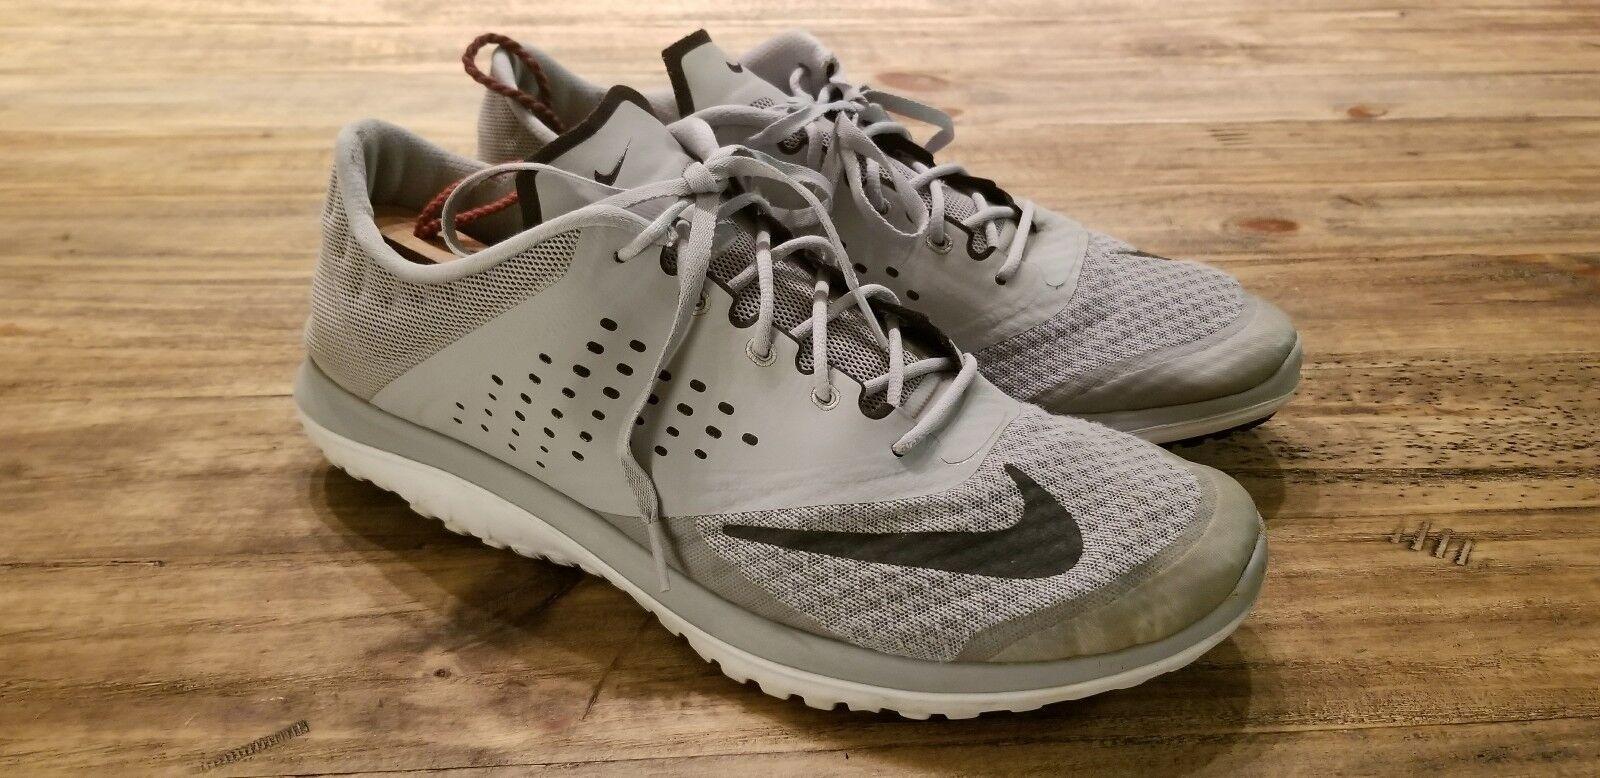 Nike mens fs lite run 2 45 di scarpe da da da corsa 685266 011, grigio e bianco camminare | Design professionale  4b5199